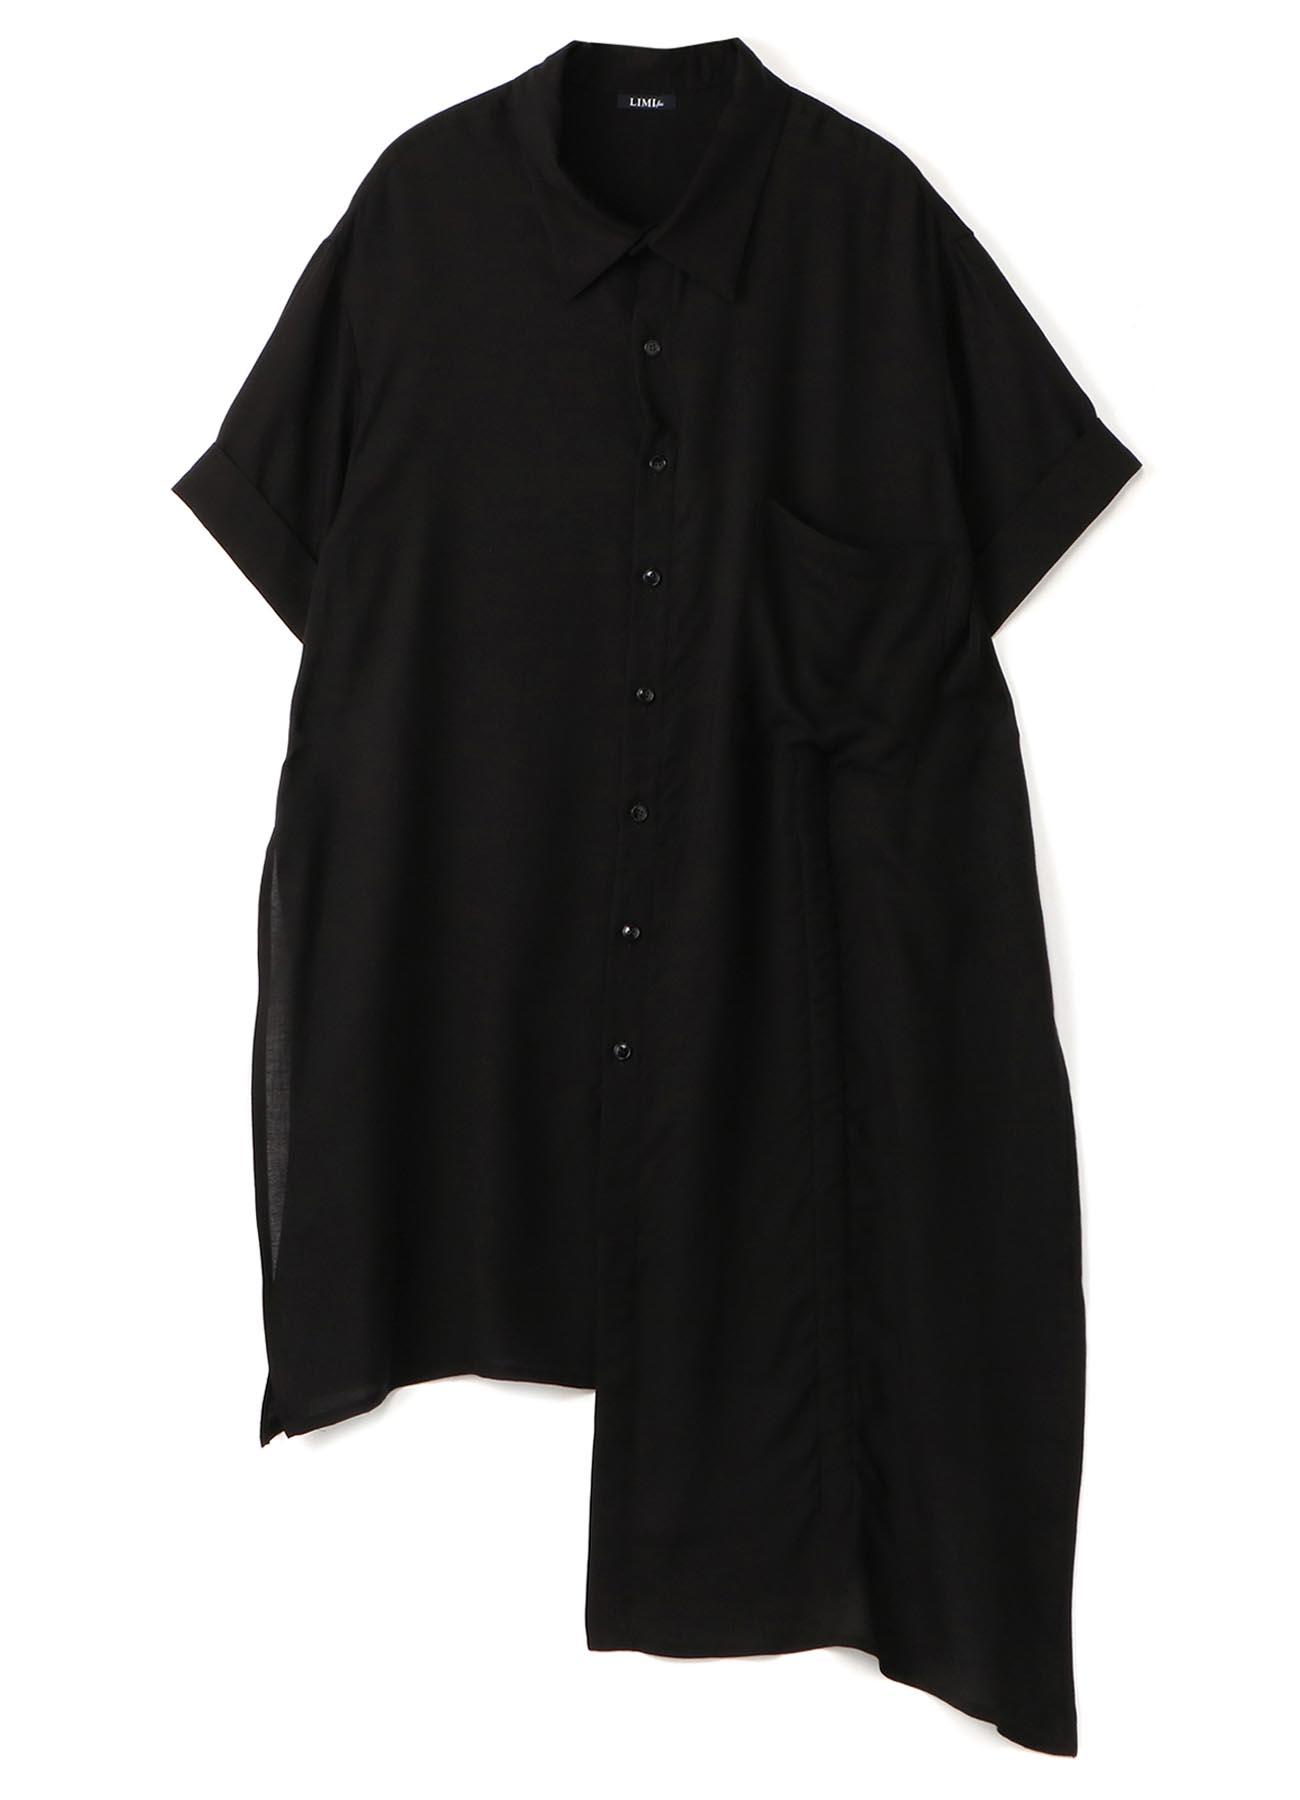 Ten/Viyella 2Way Half Sleeve Shirt